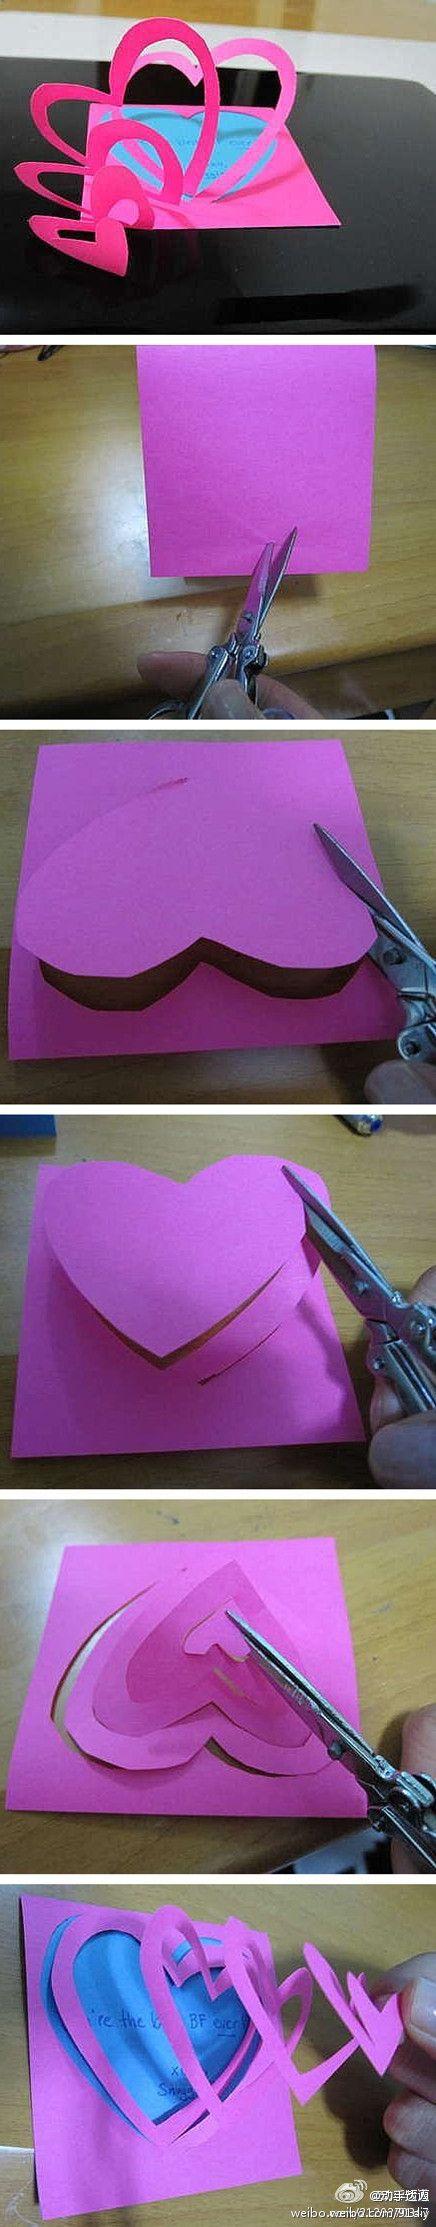 cut a heart in a heart in a heart card tutorial via duitang.com